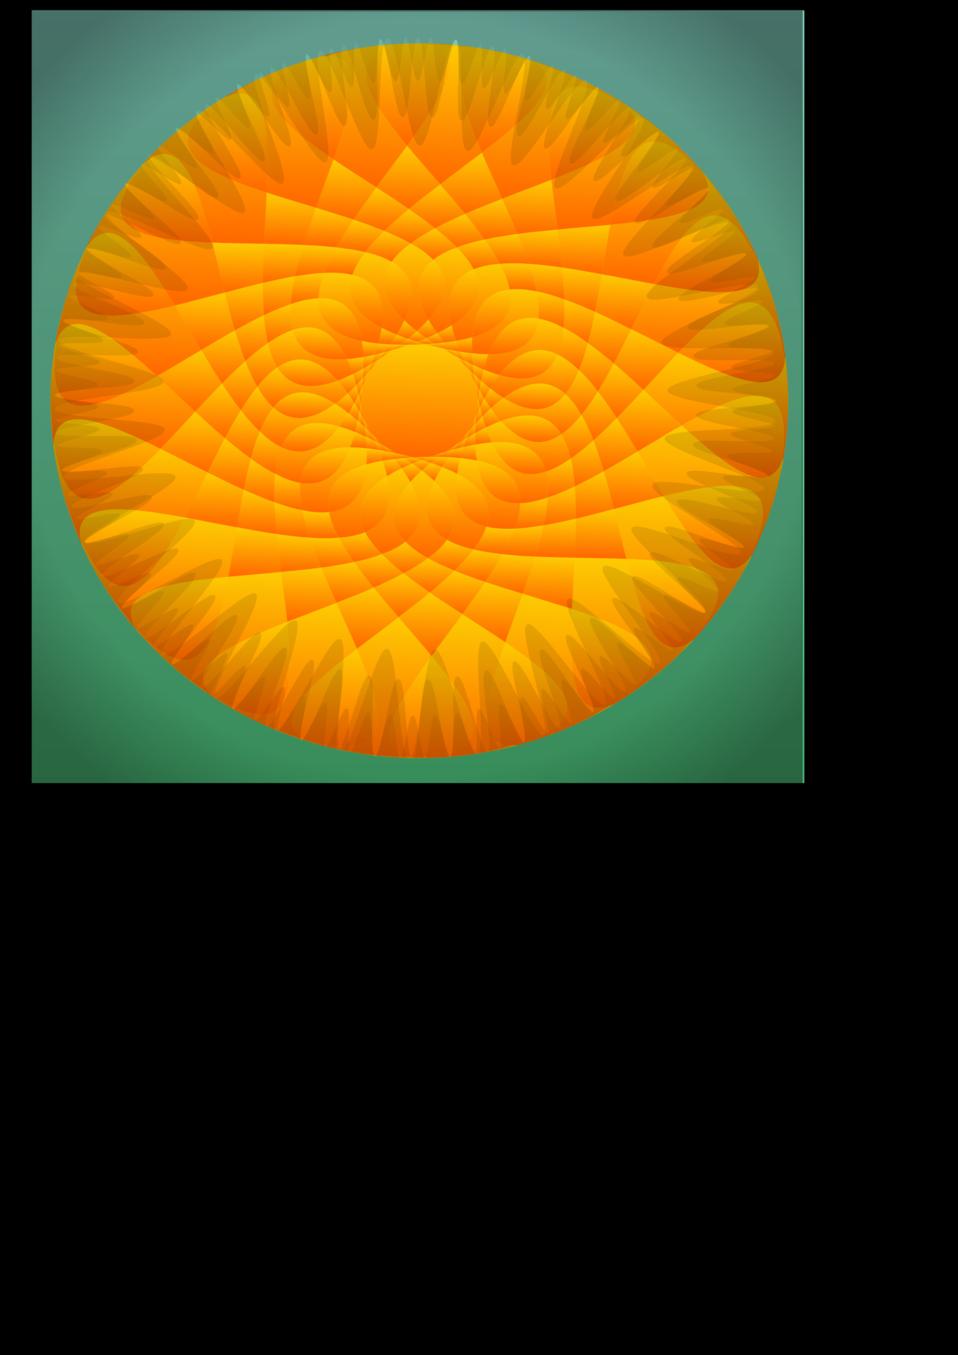 sun-tile